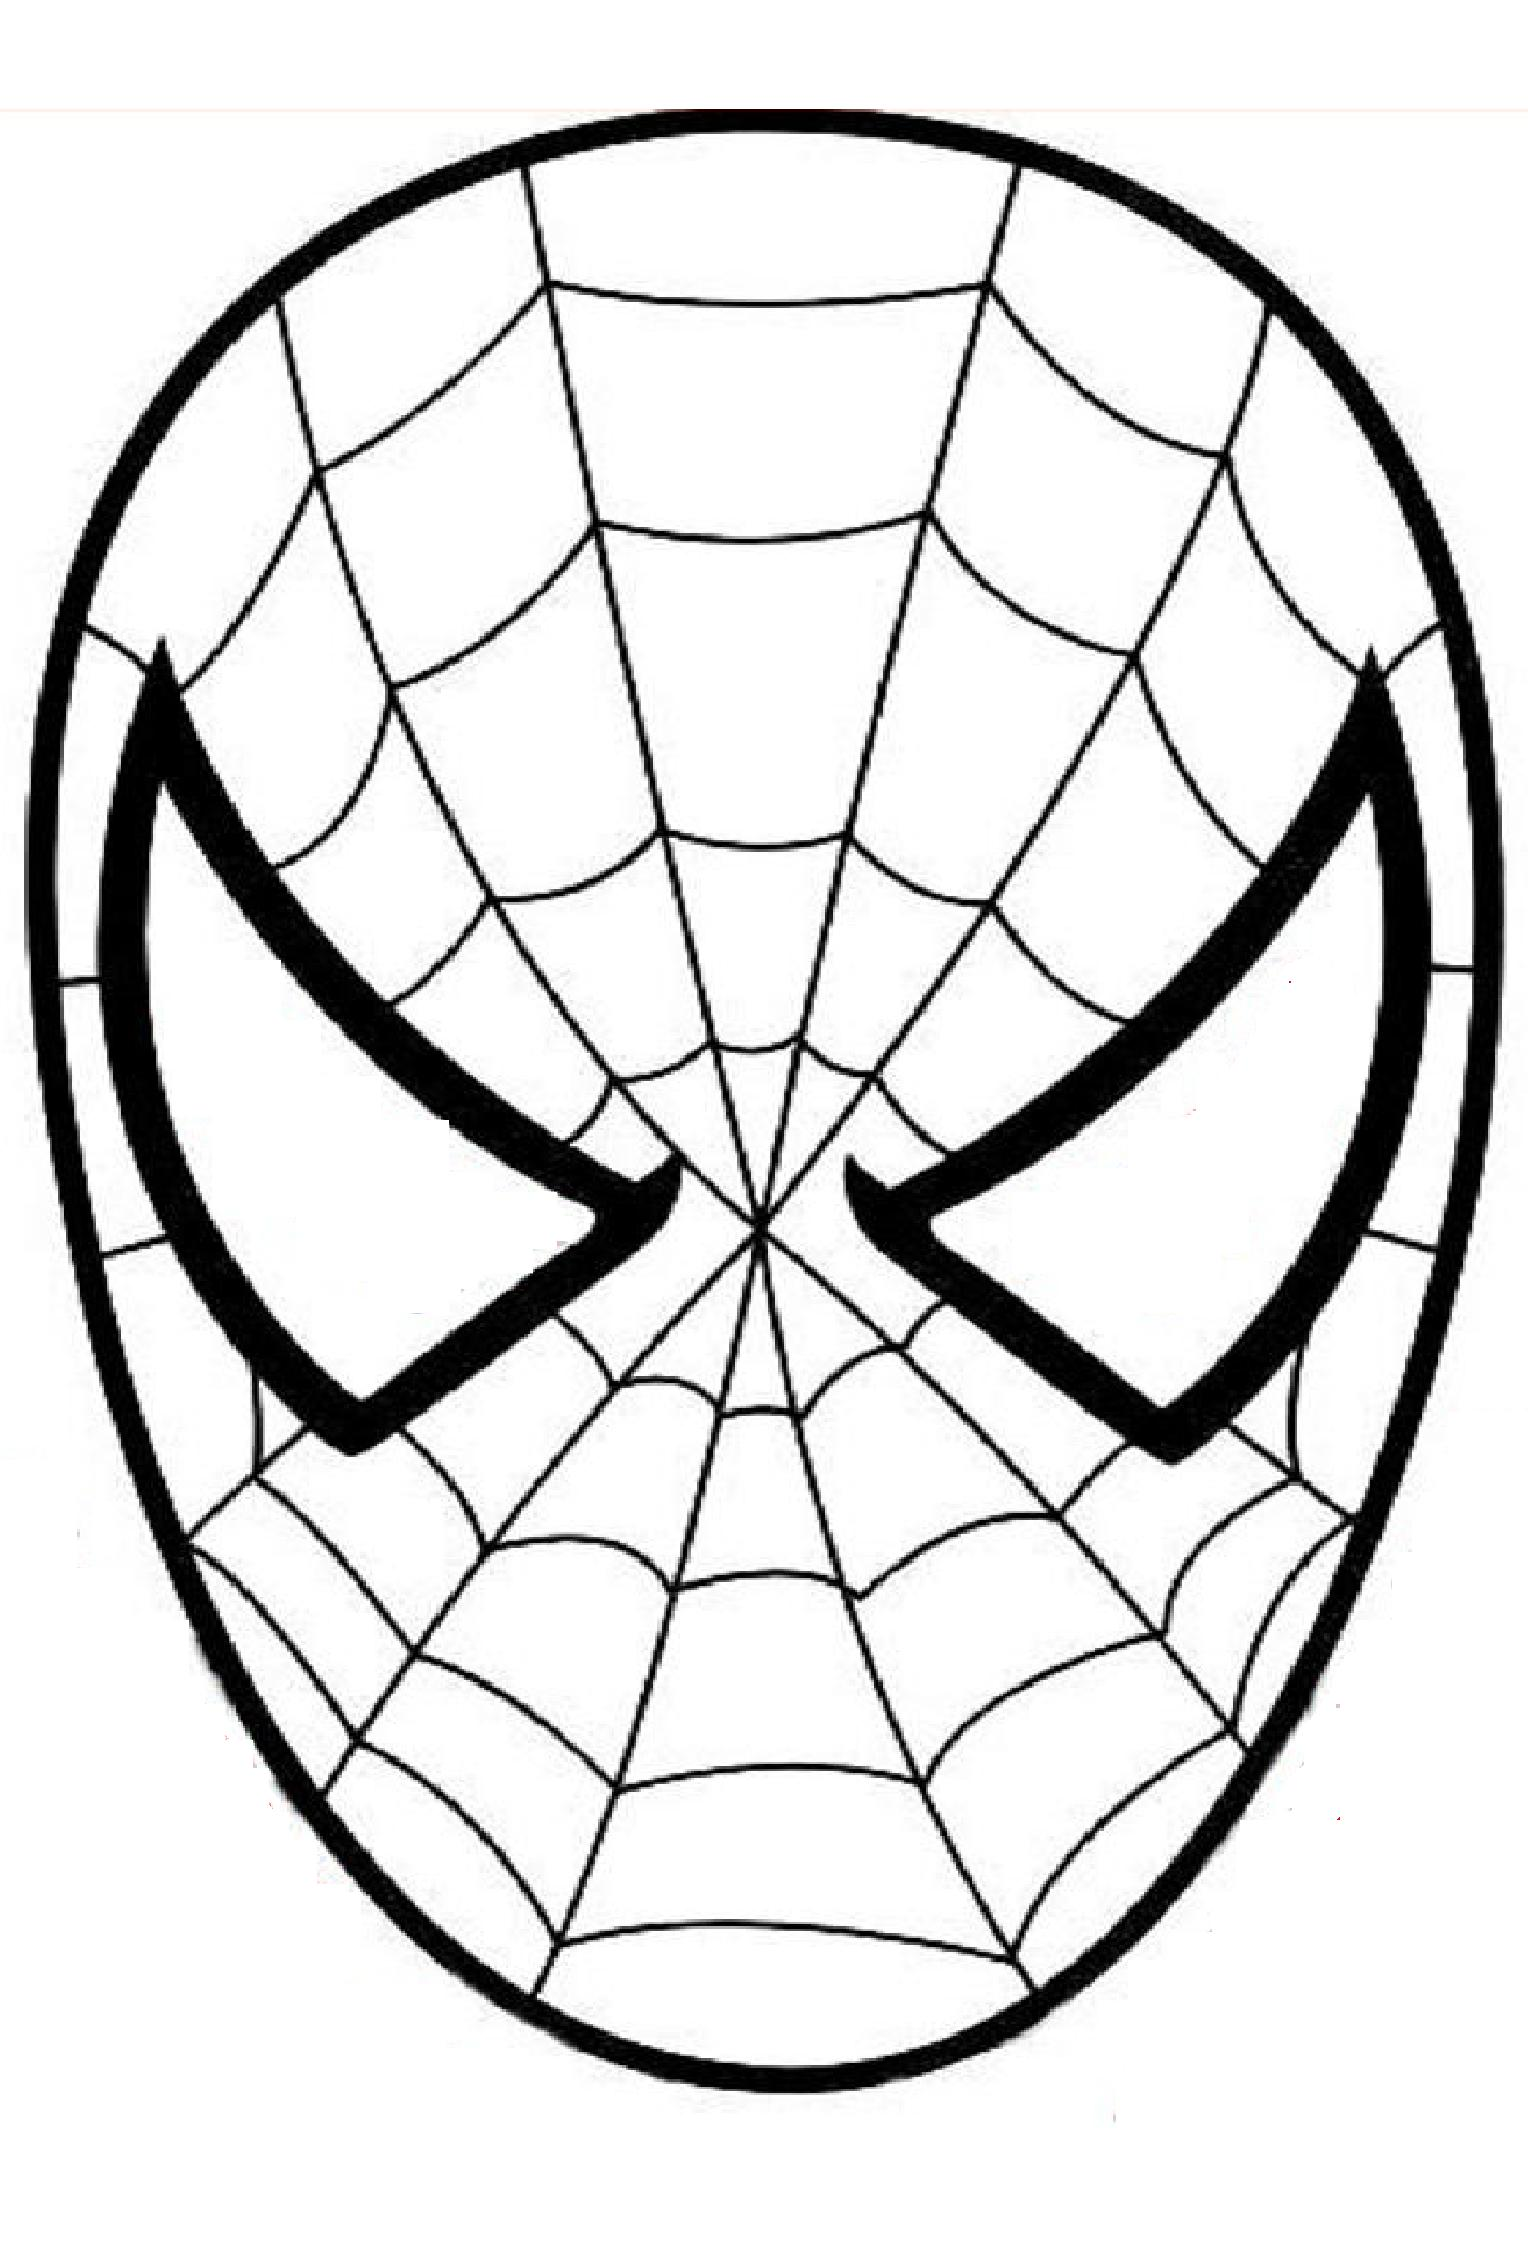 Spiderman 5 - Coloriage Spiderman - Coloriages pour enfants